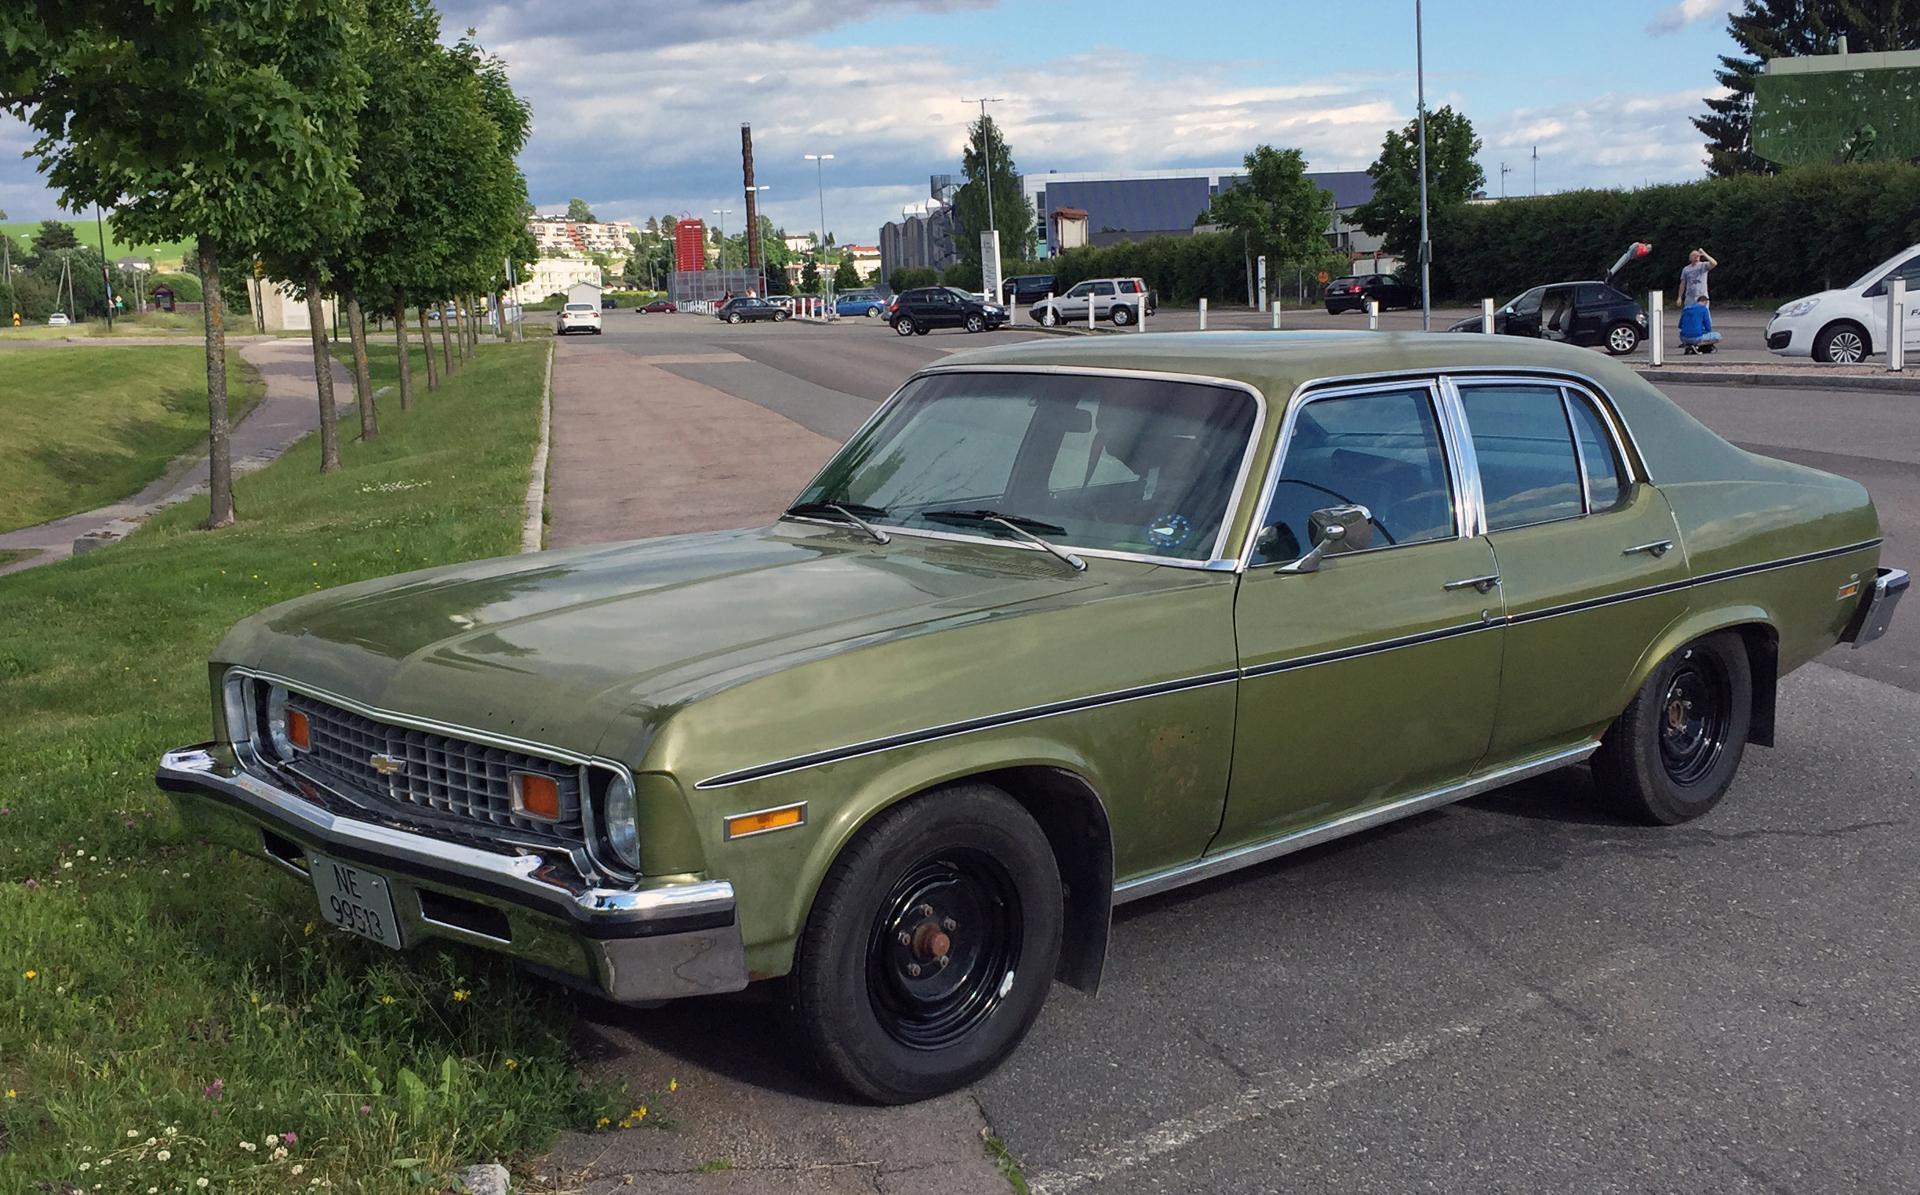 246-1973 Chevrolet Nova 4d Custom 01. Eier- medlem